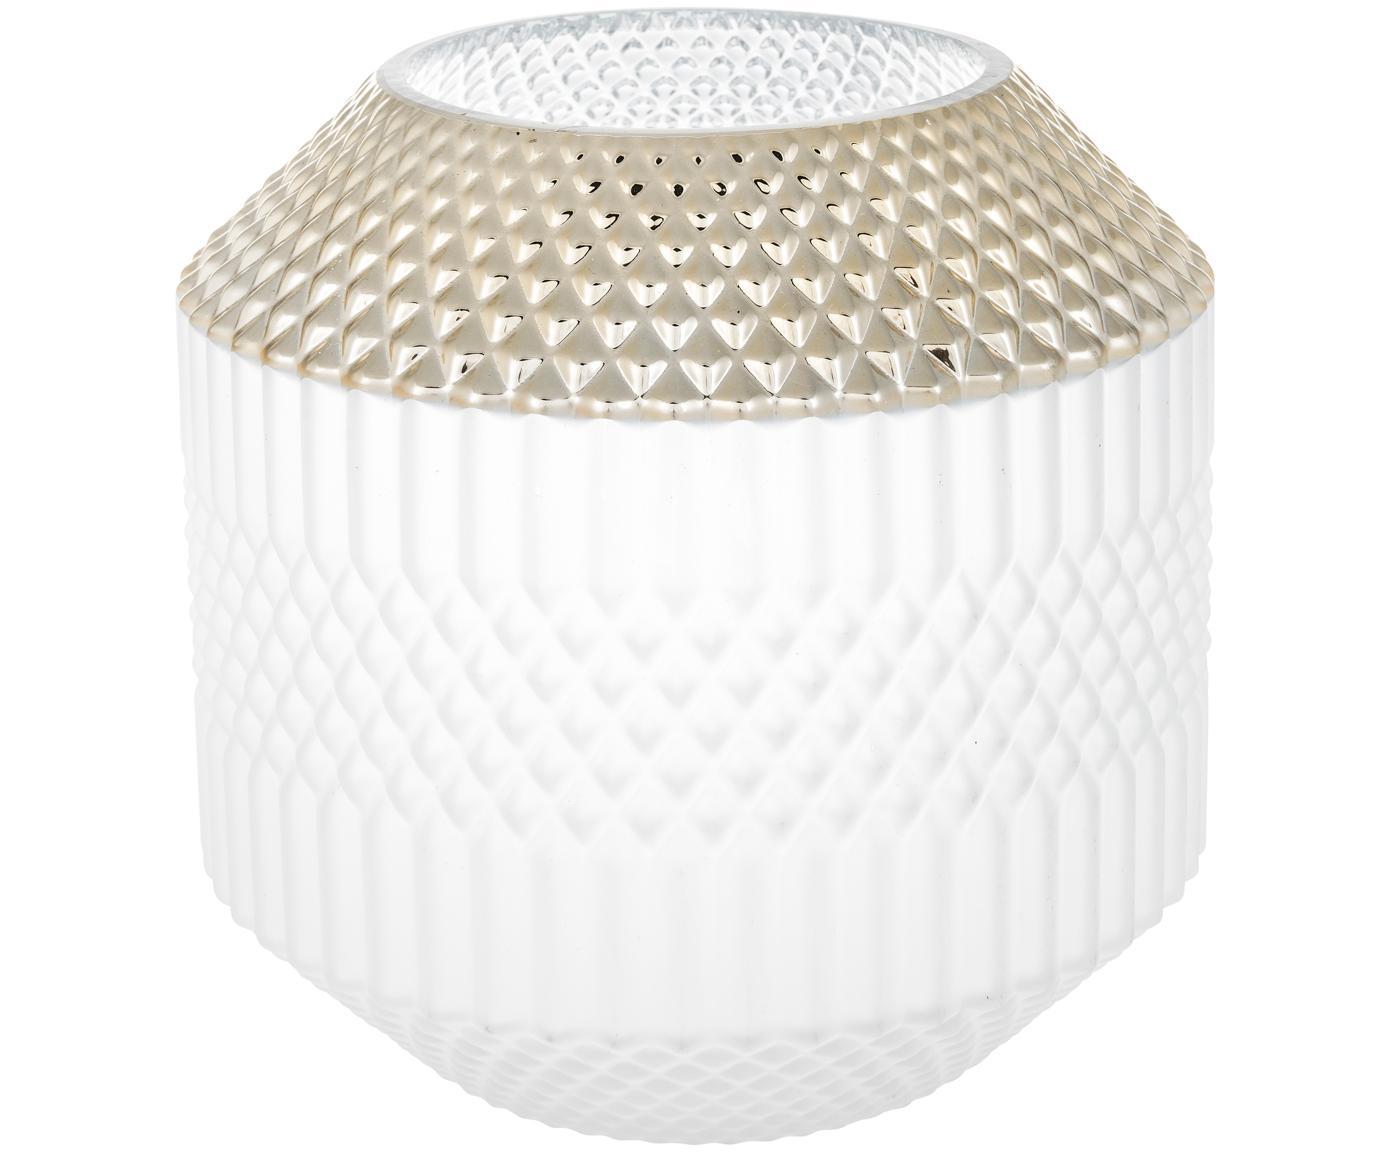 Wazon Dolin, Szkło, Biały, odcienie złotego, Ø 20 x W 20 cm